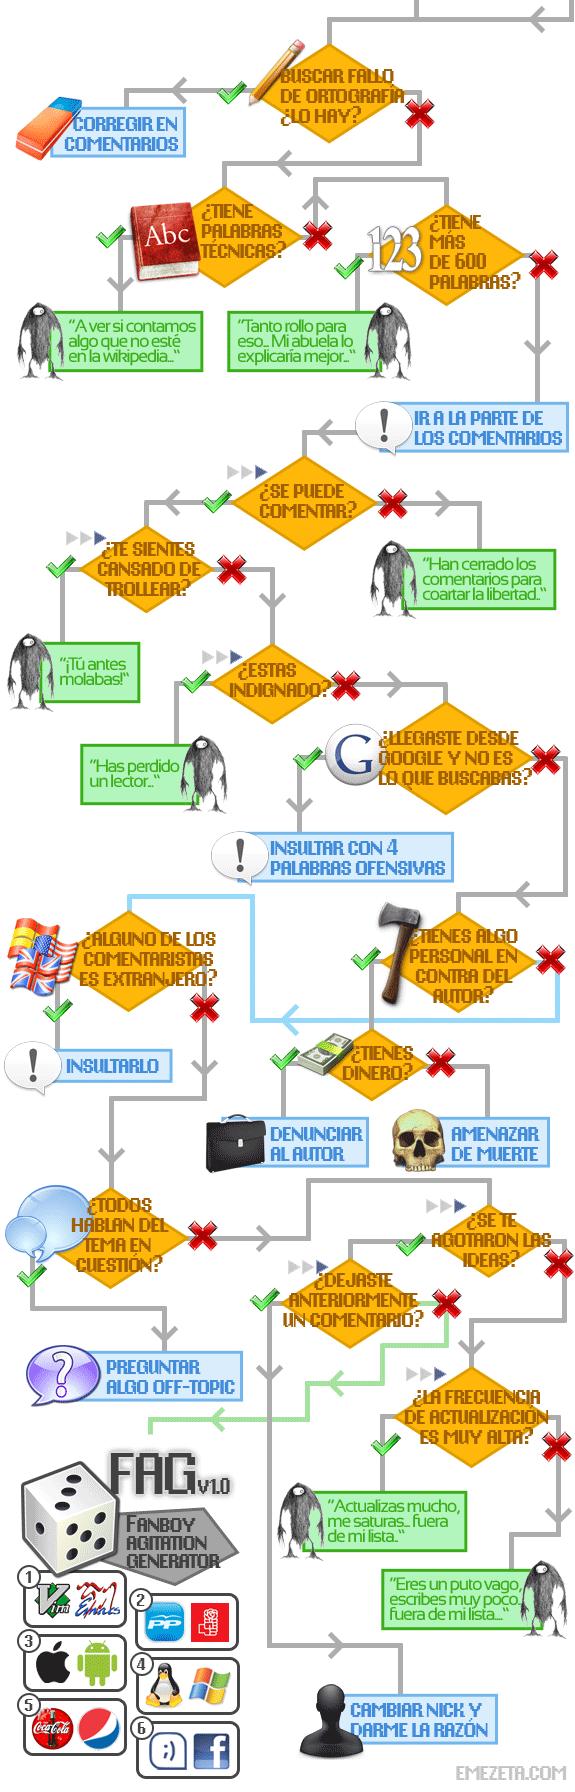 El diagrama de flujo del troll de internet emezeta diagrama flujo troll internet algoritmo ccuart Gallery